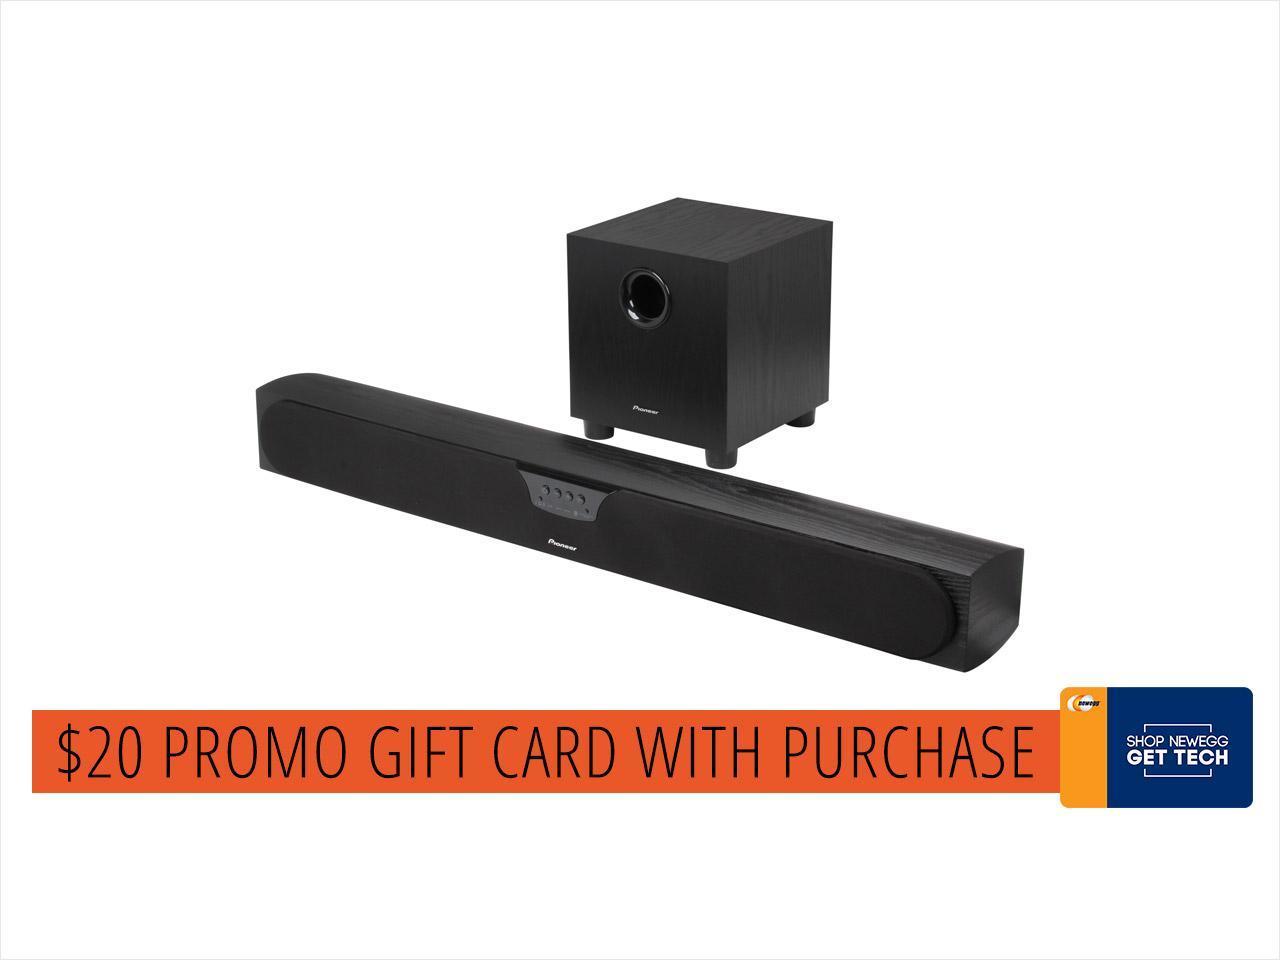 Pioneer SP-SB23W Andrew Jones Bluetooth Soundbar System with Wireless Sub